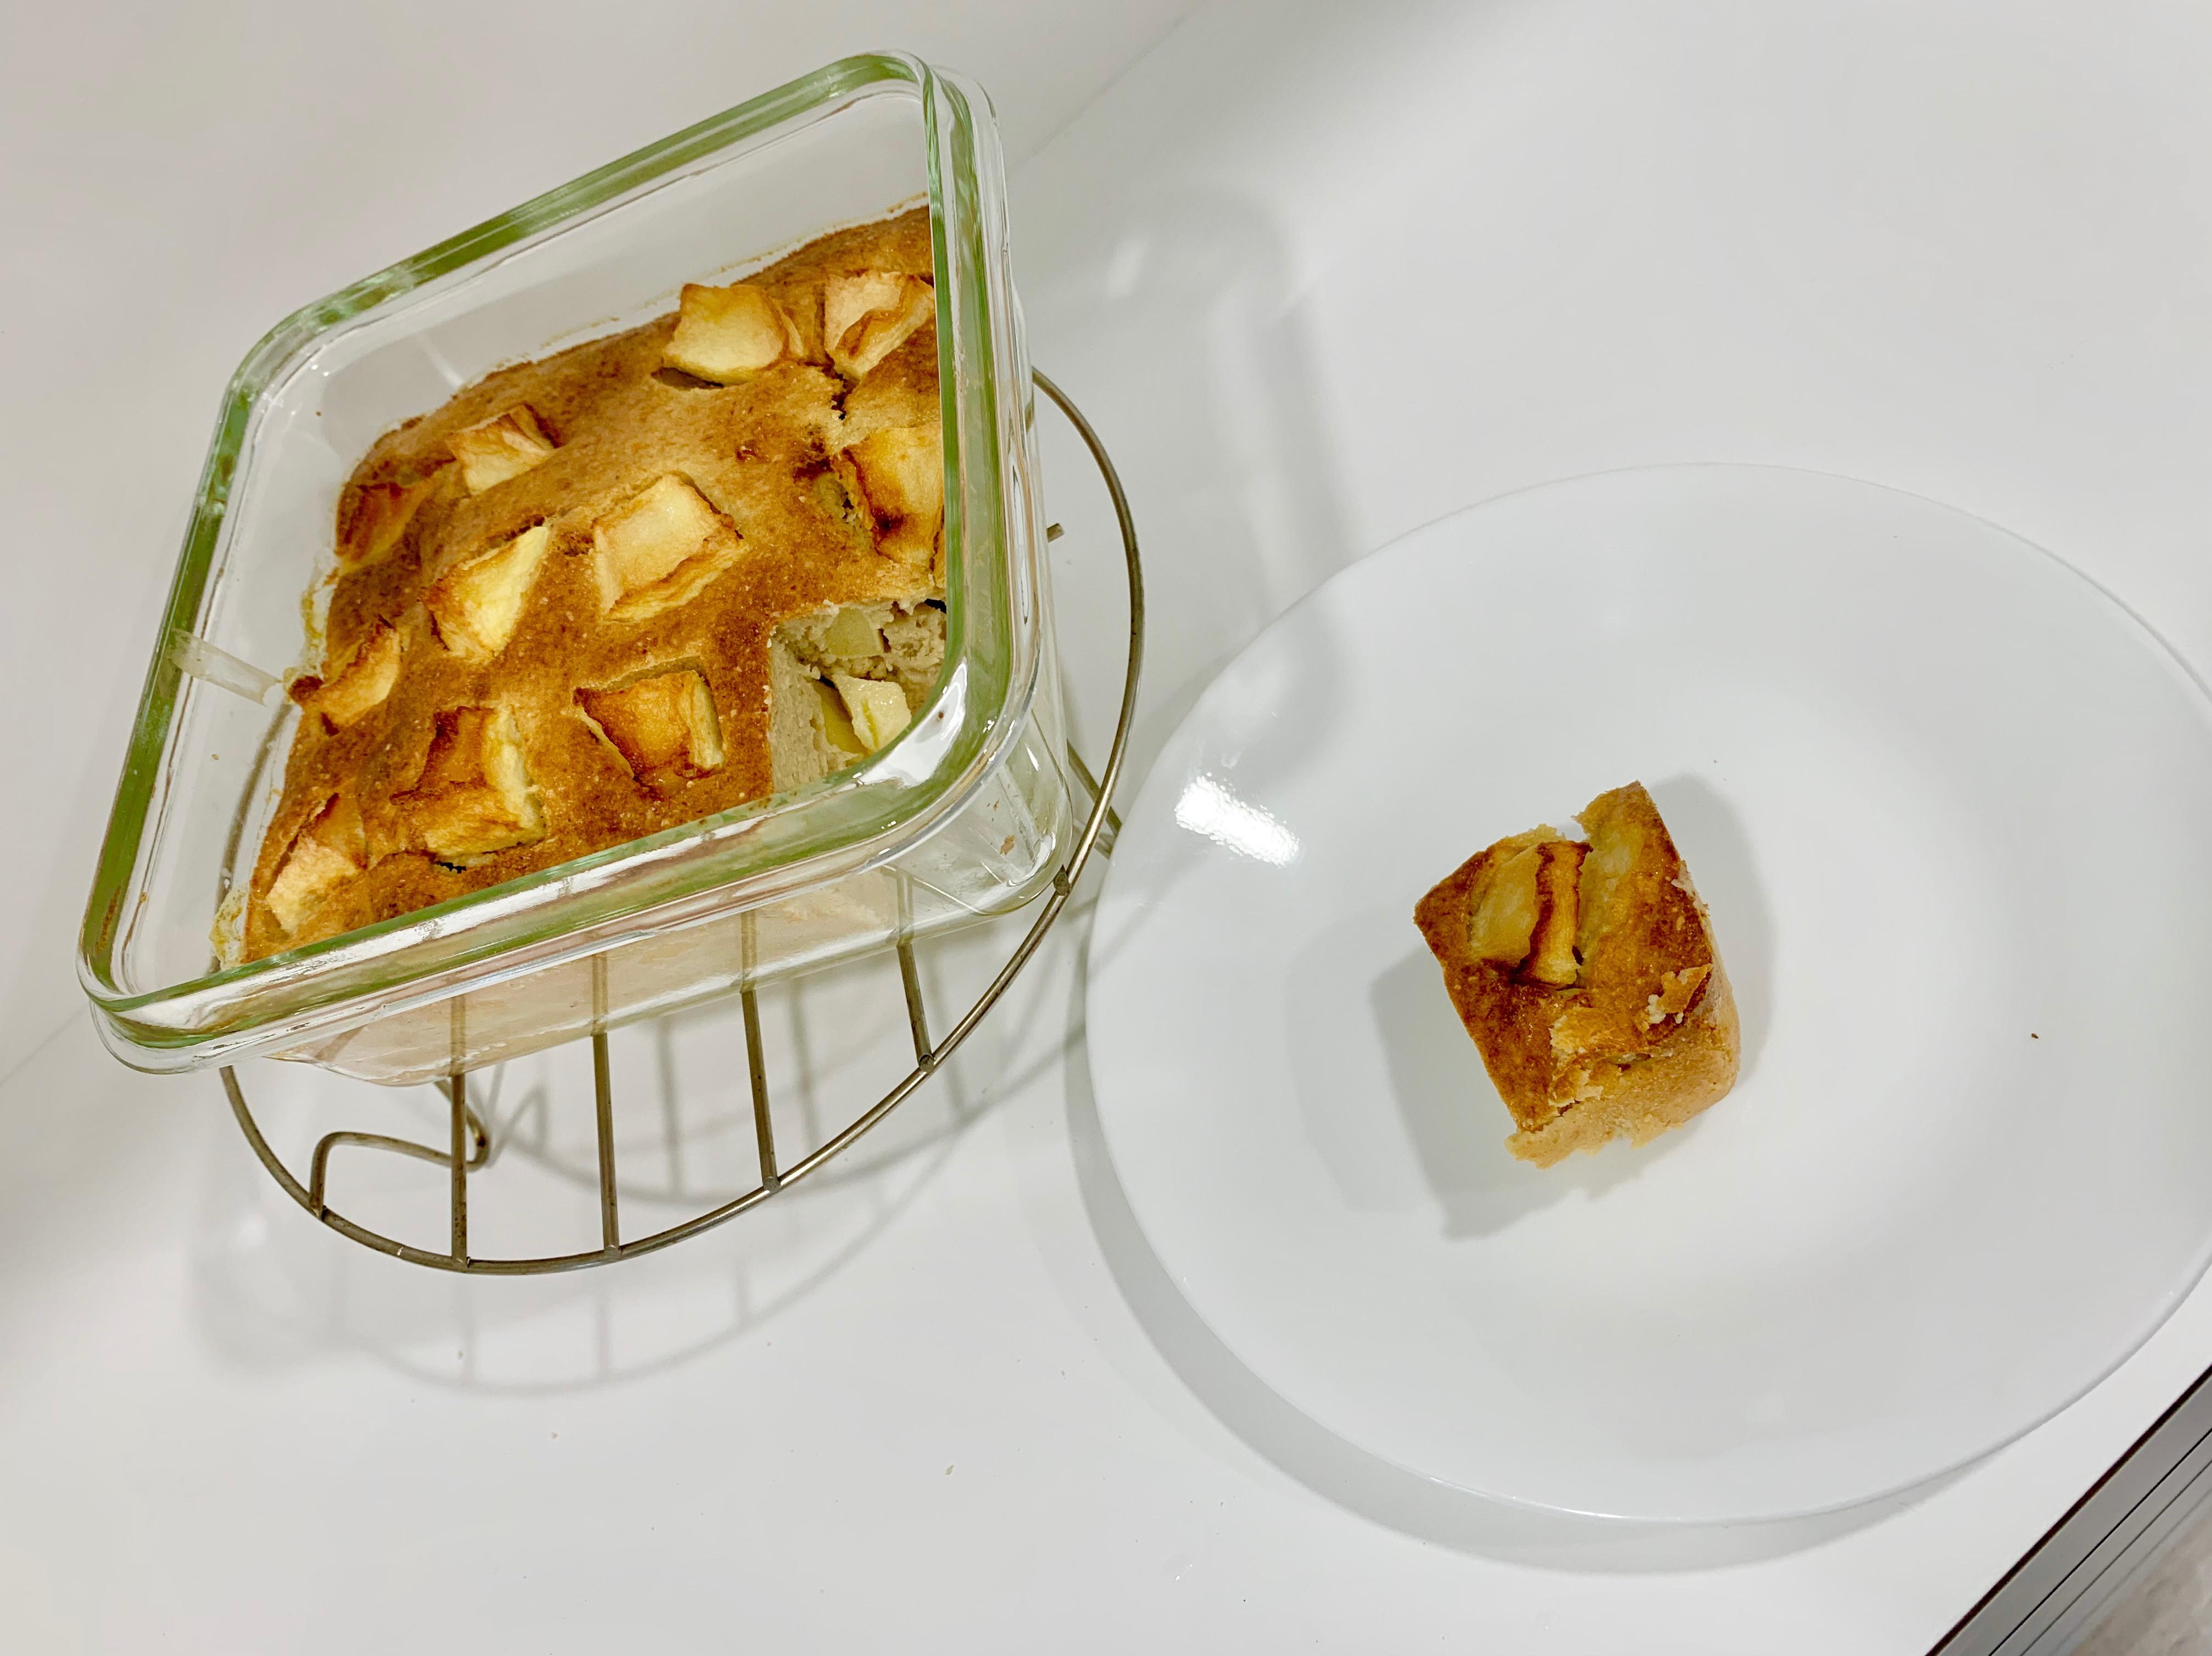 氣炸鍋副食品無糖無油無粉蘋果香蕉燕麥蛋糕